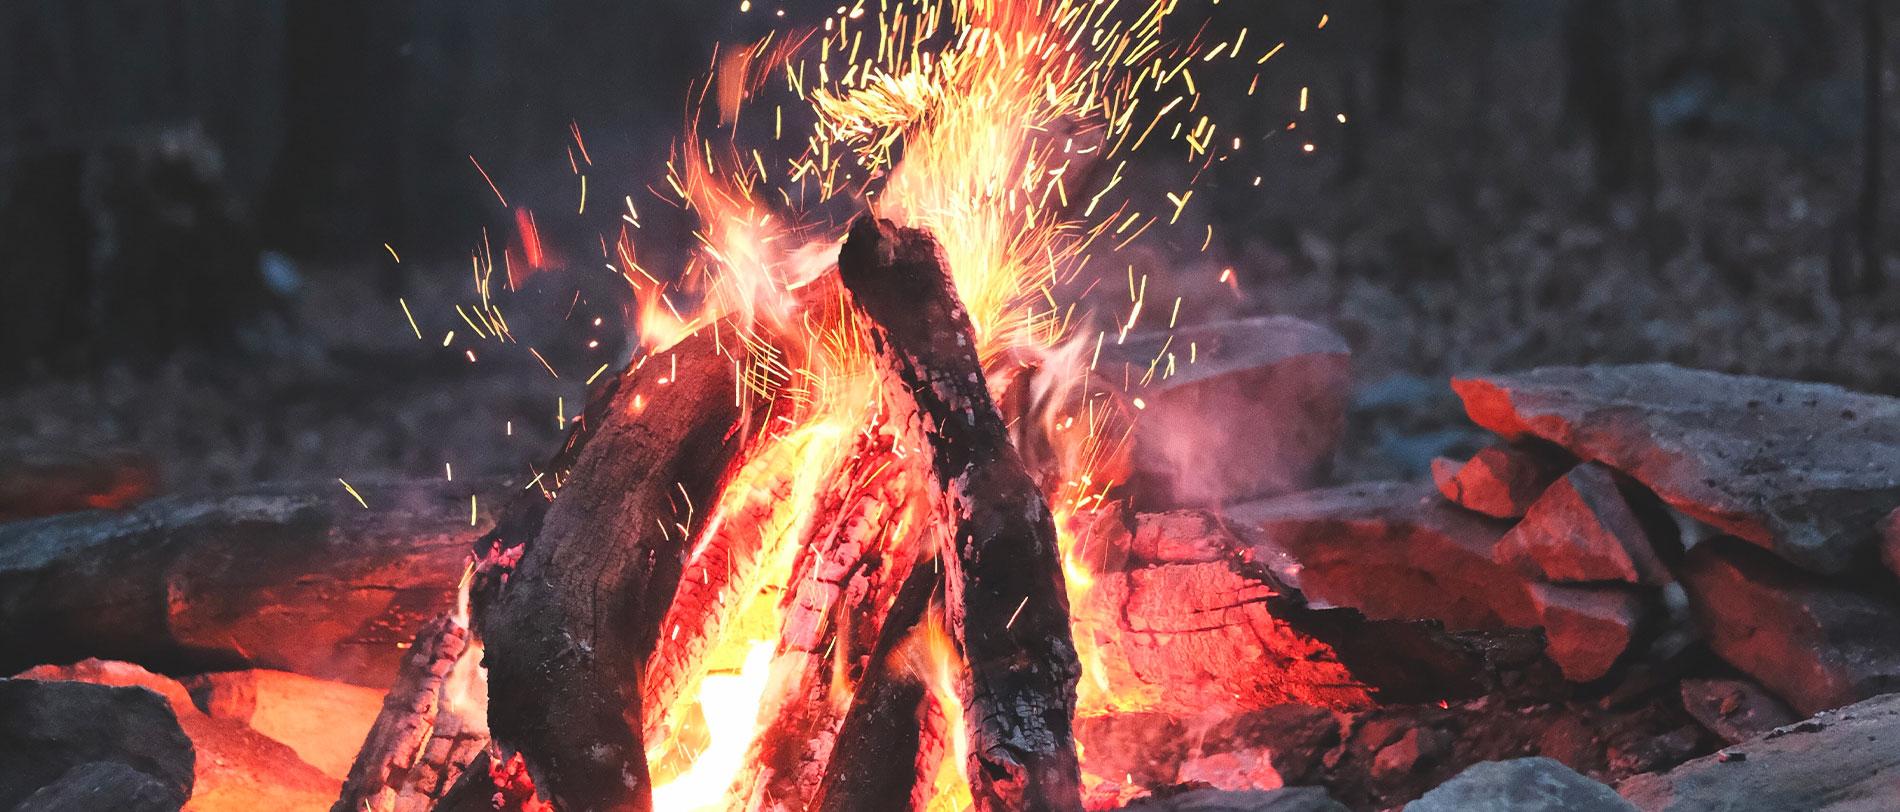 Les homininés utilisaient le feu